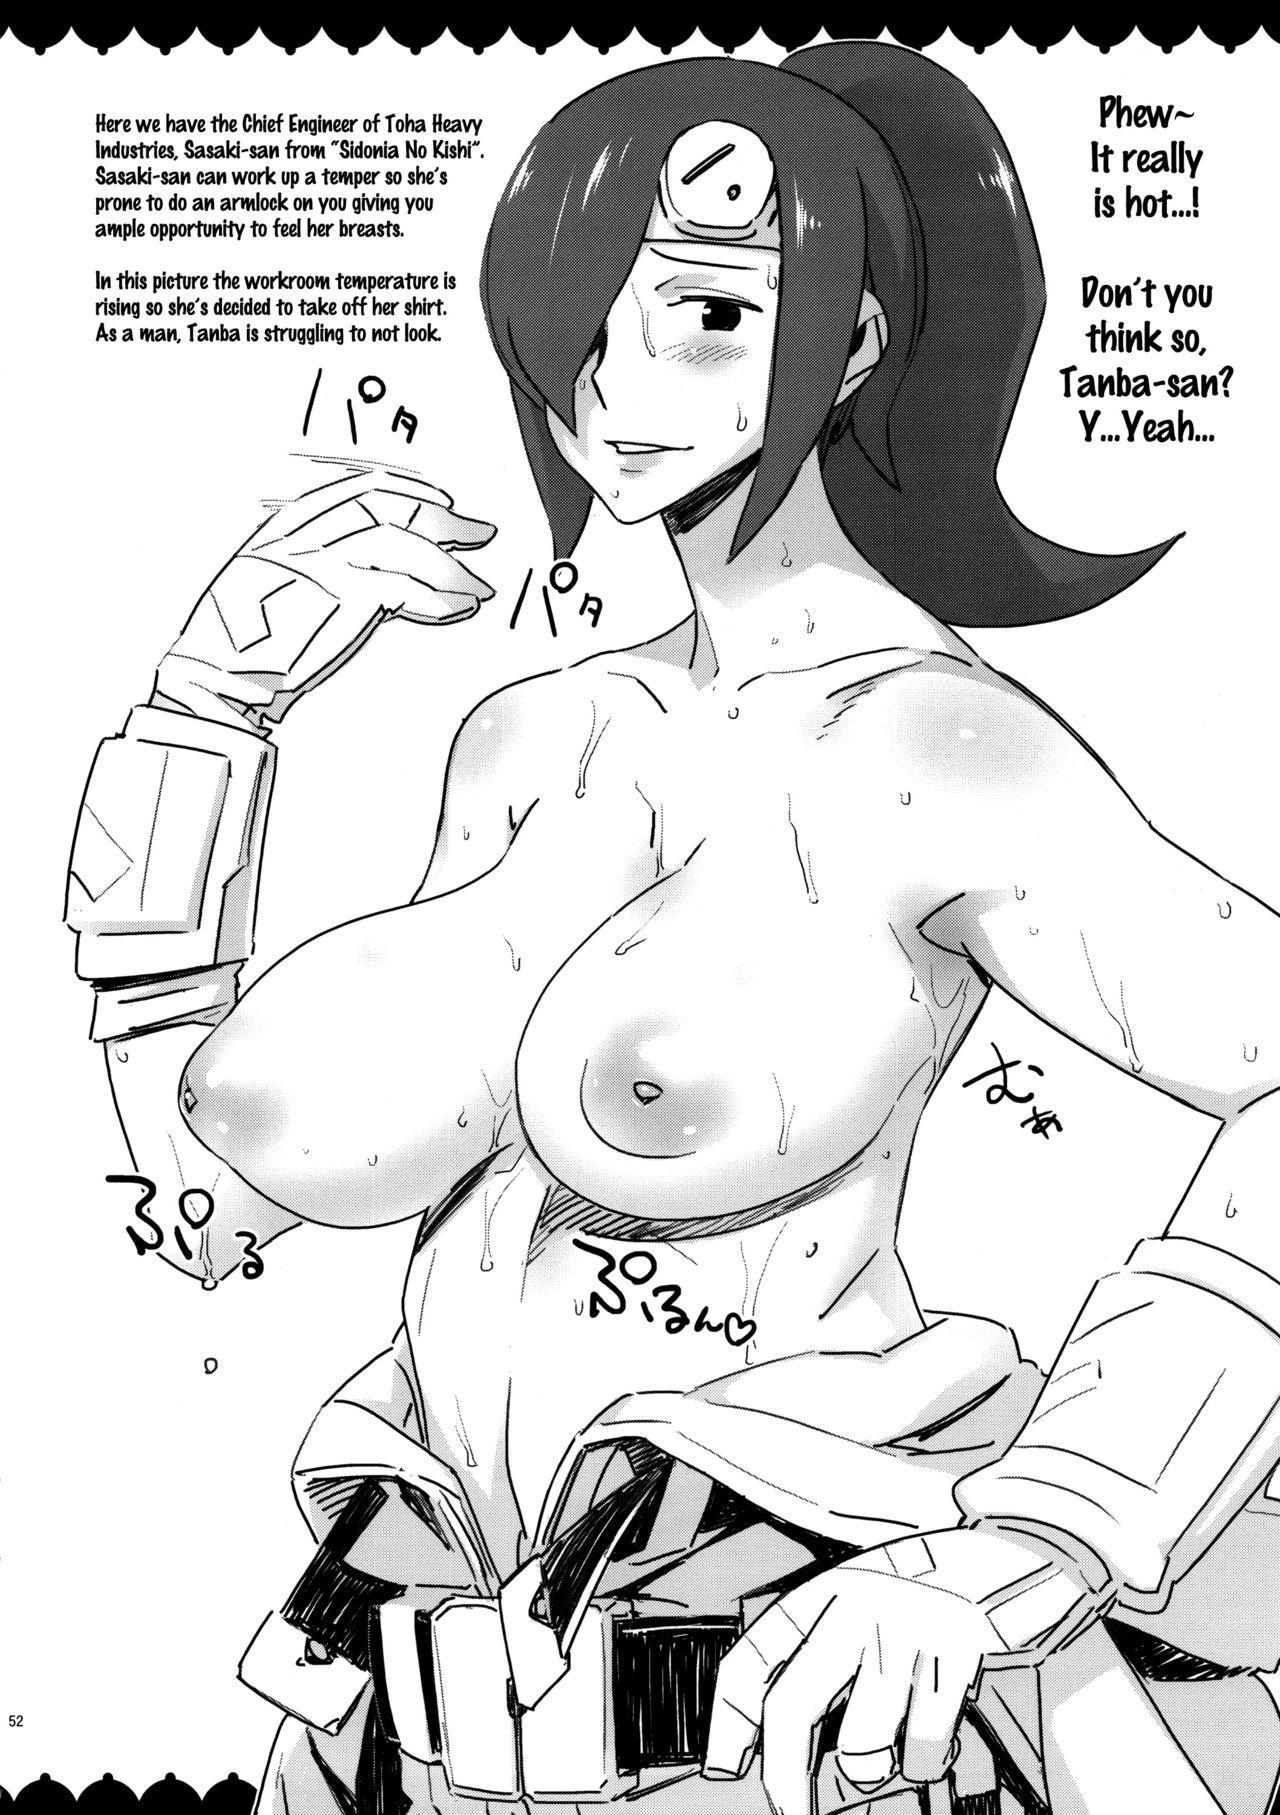 (C90) [Abradeli Kami (Bobobo)] ◯◯-san no Oppai ga Mitai Hon Soushuuhen+ | Boobs (O|O) Book Summary (Various) [English] {Doujins.com} 50